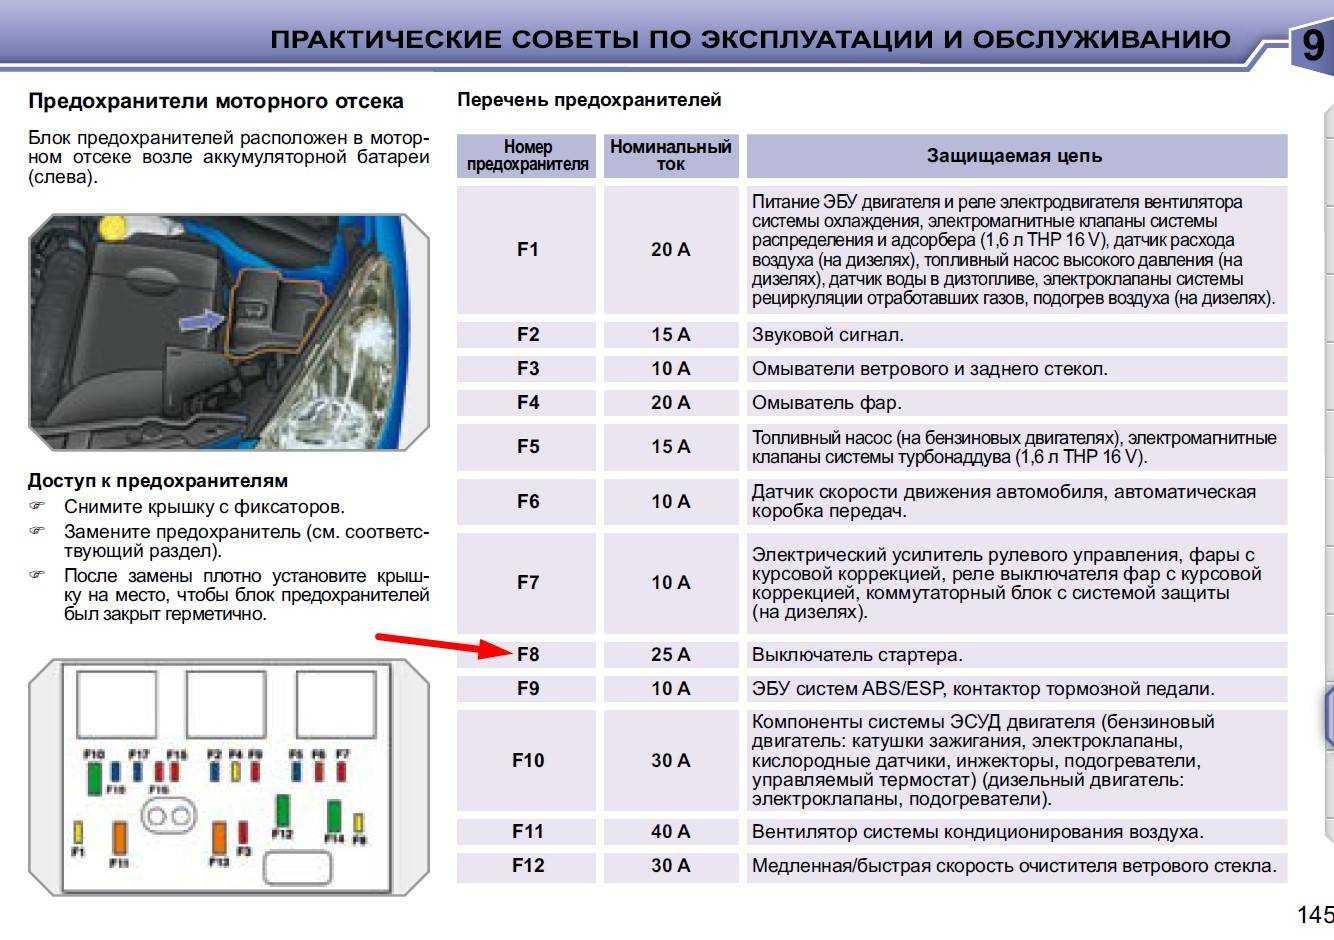 Можно ли установить на Peugeot 207 круиз-контроль, если он не предусмотрен комплектацией